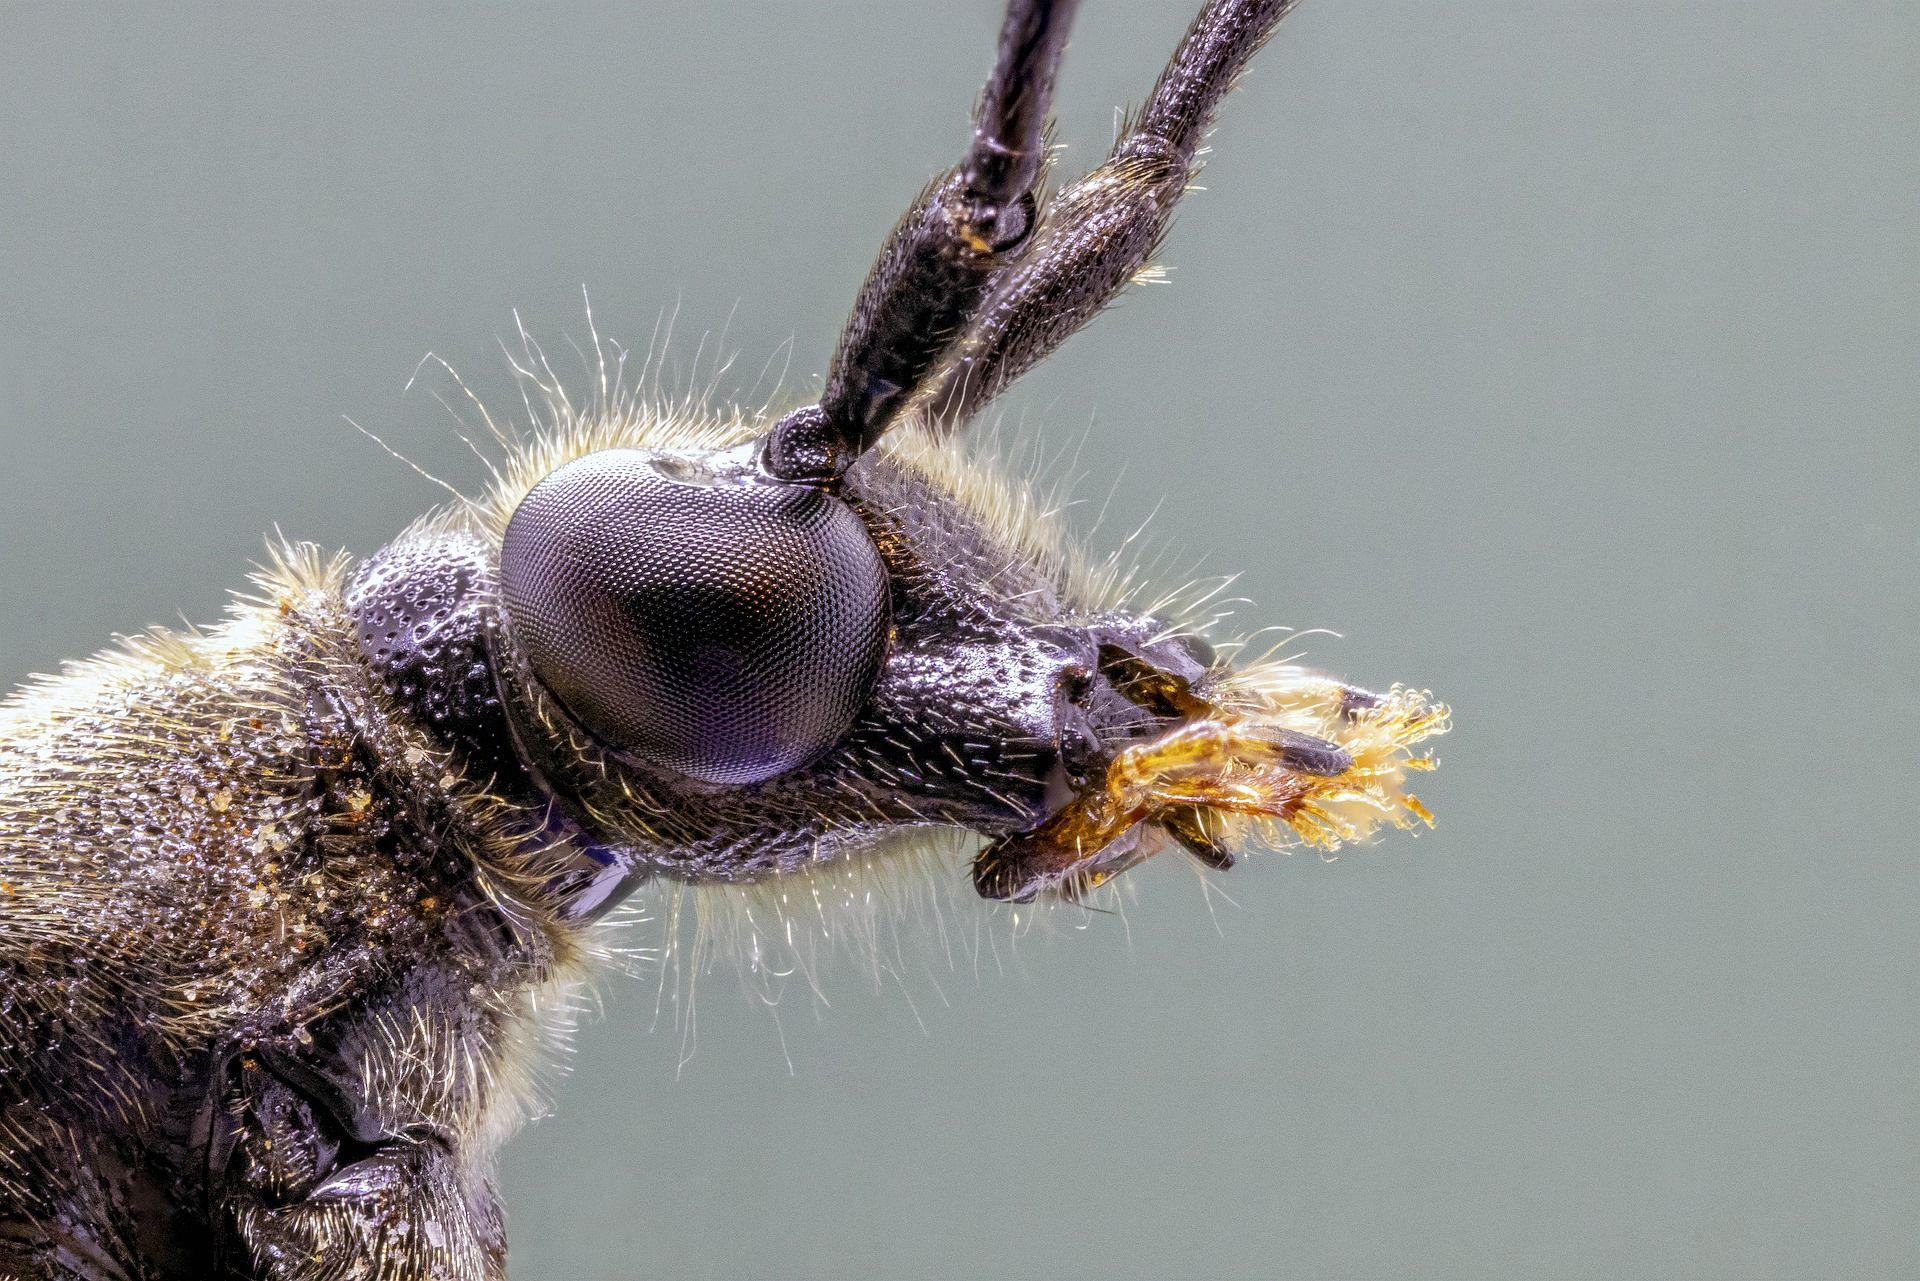 Скачать бесплатно фото жука крупным планом